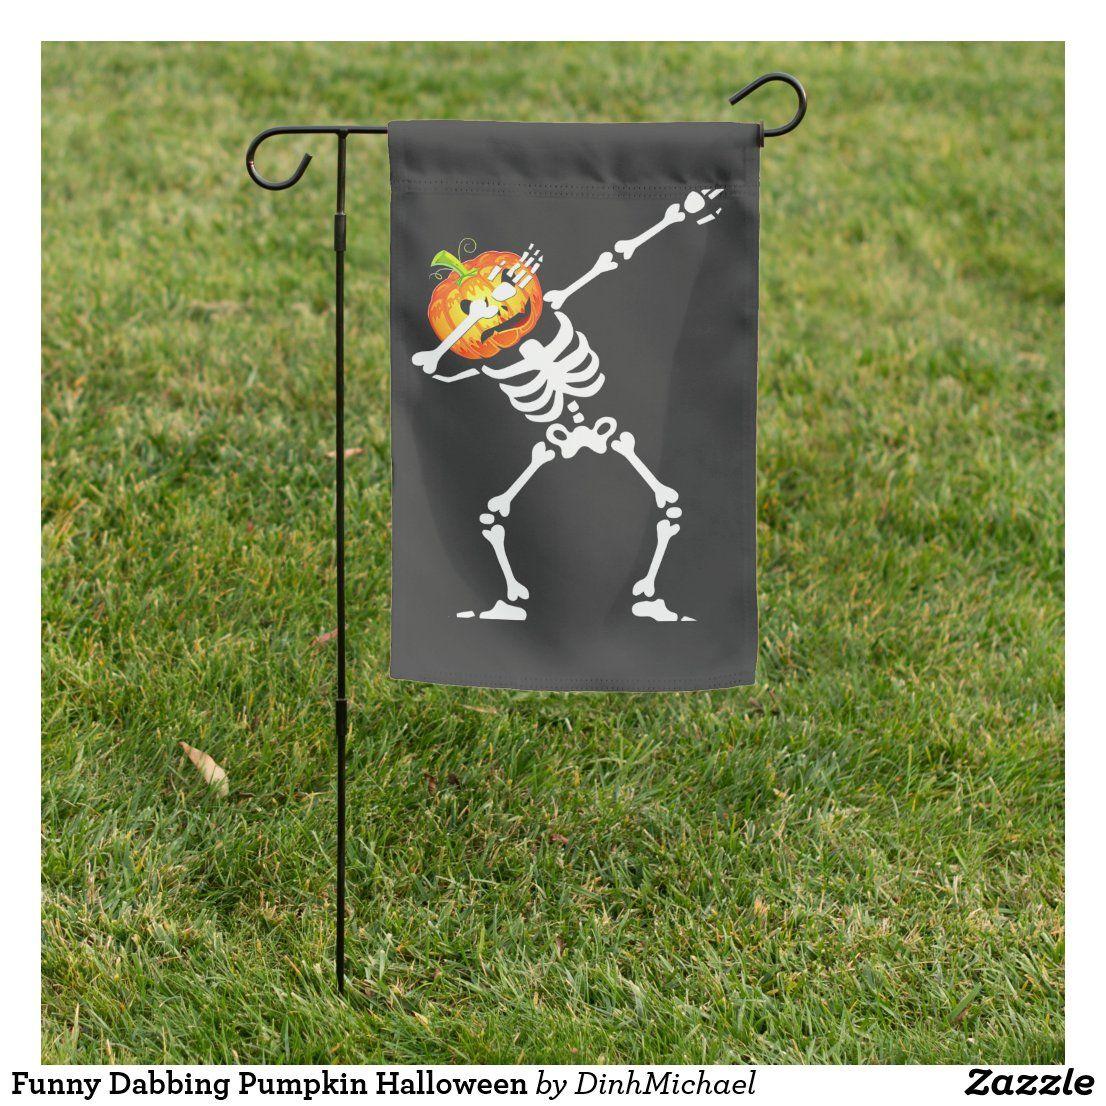 Funny Dabbing Pumpkin Halloween Garden Flag Zazzle Com Halloween Garden Flag Halloween Garden Halloween Pumpkins